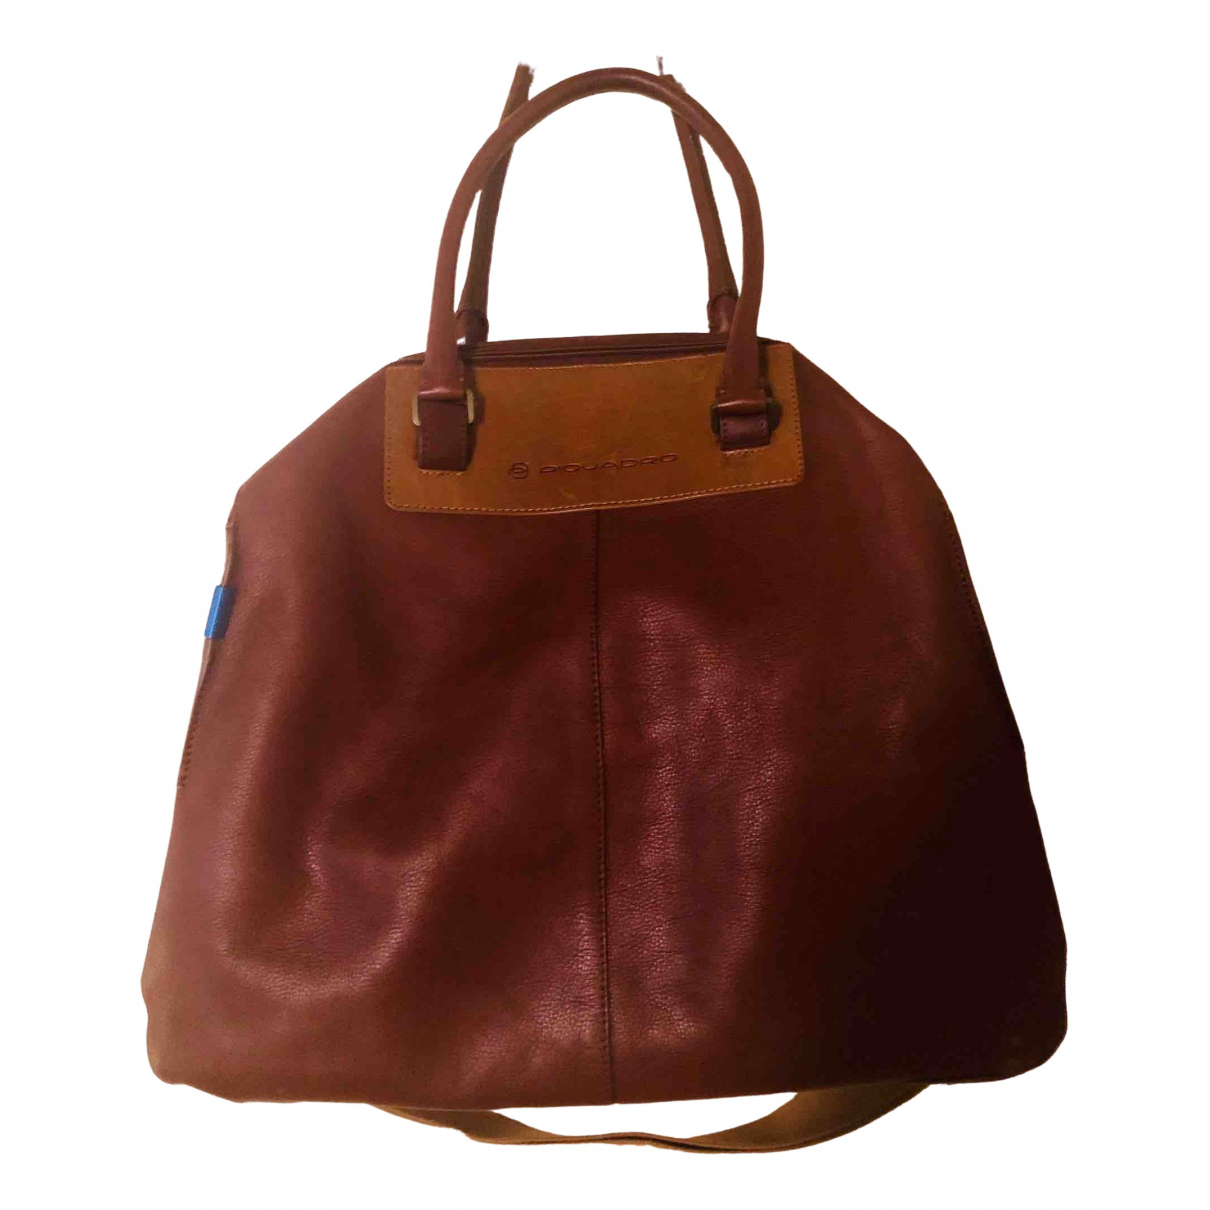 Piquadro - Sac de voyage   pour femme en cuir - marron